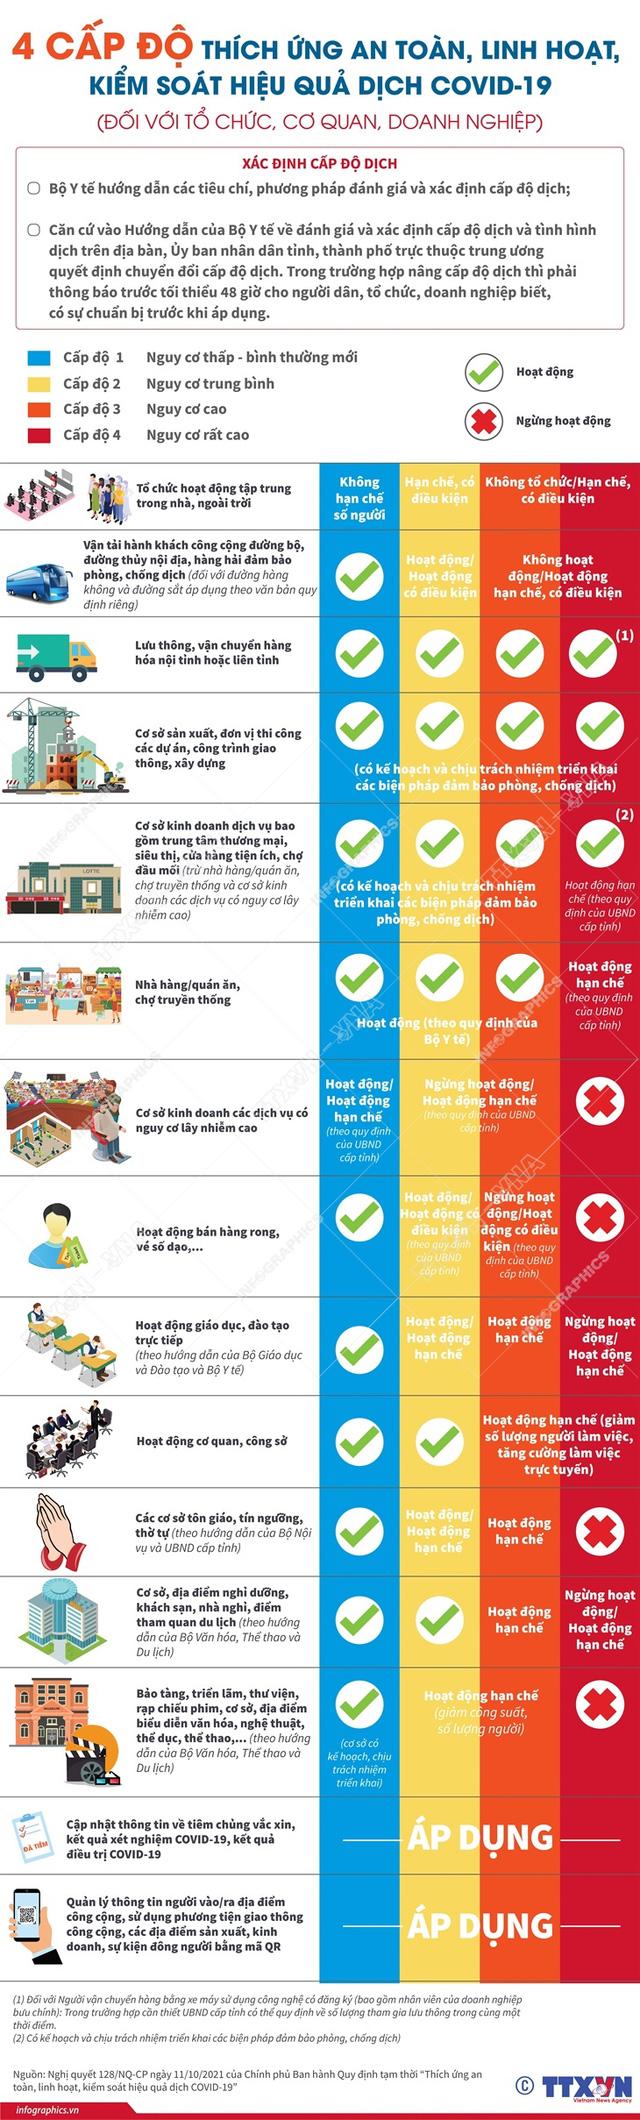 4 cấp độ dịch áp dụng toàn quốc: Những hoạt động nào được cho phép trong bình thường mới? - Ảnh 2.